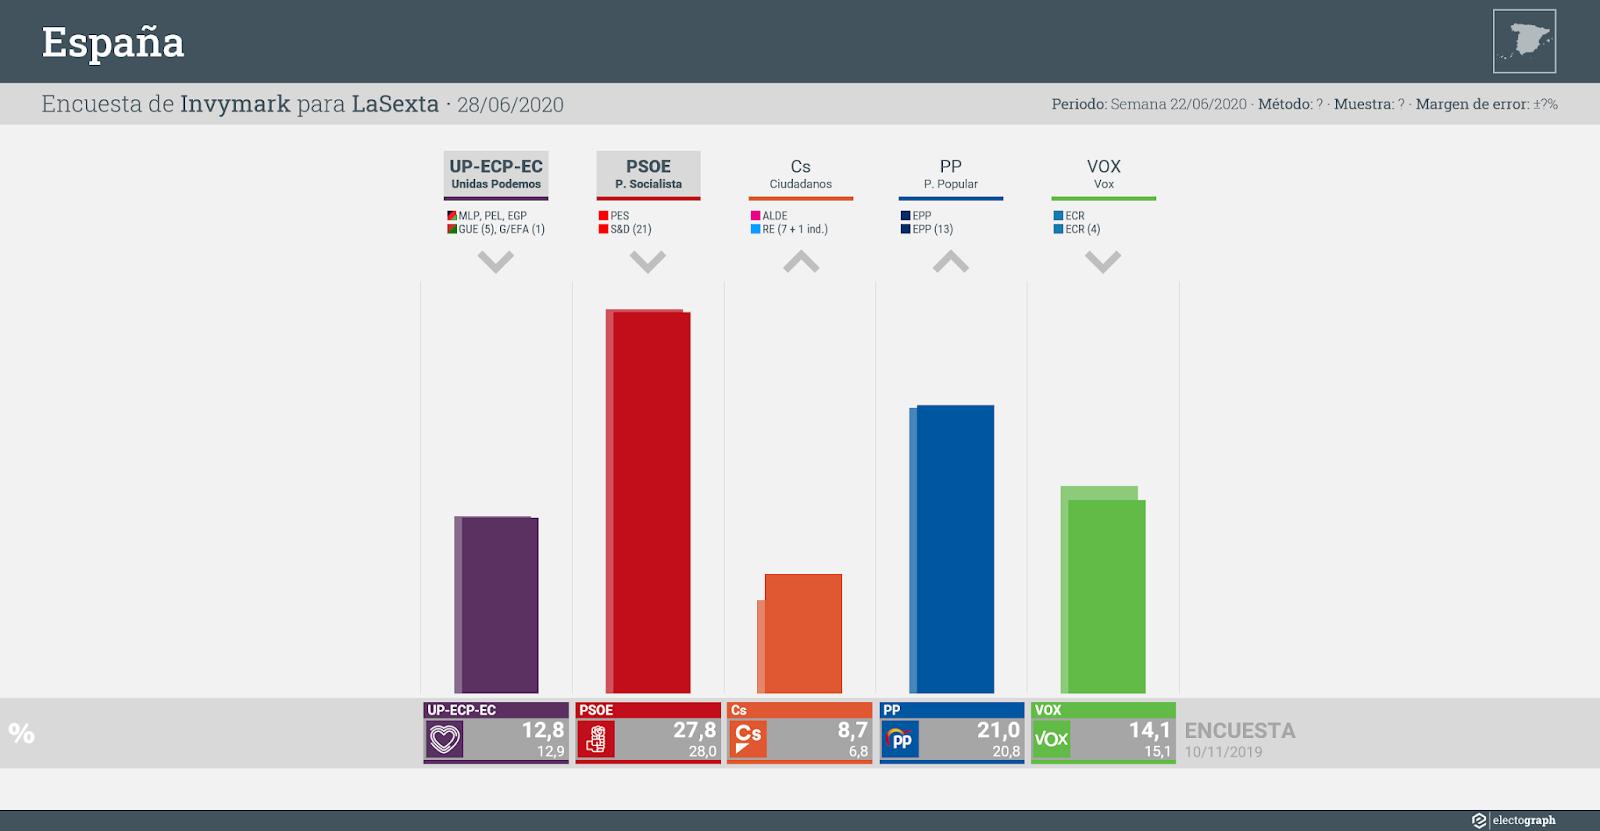 Gráfico de la encuesta para elecciones generales en España realizada por Invymark para LaSexta, 28 de junio de 2020